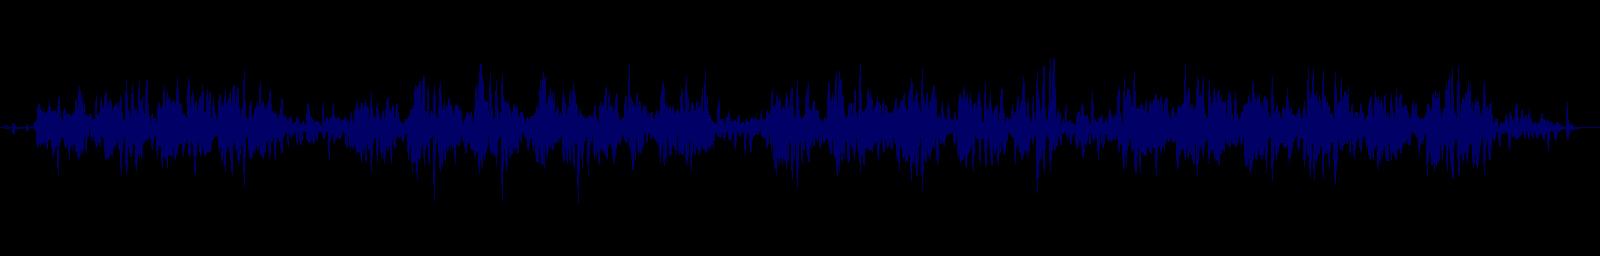 waveform of track #136097